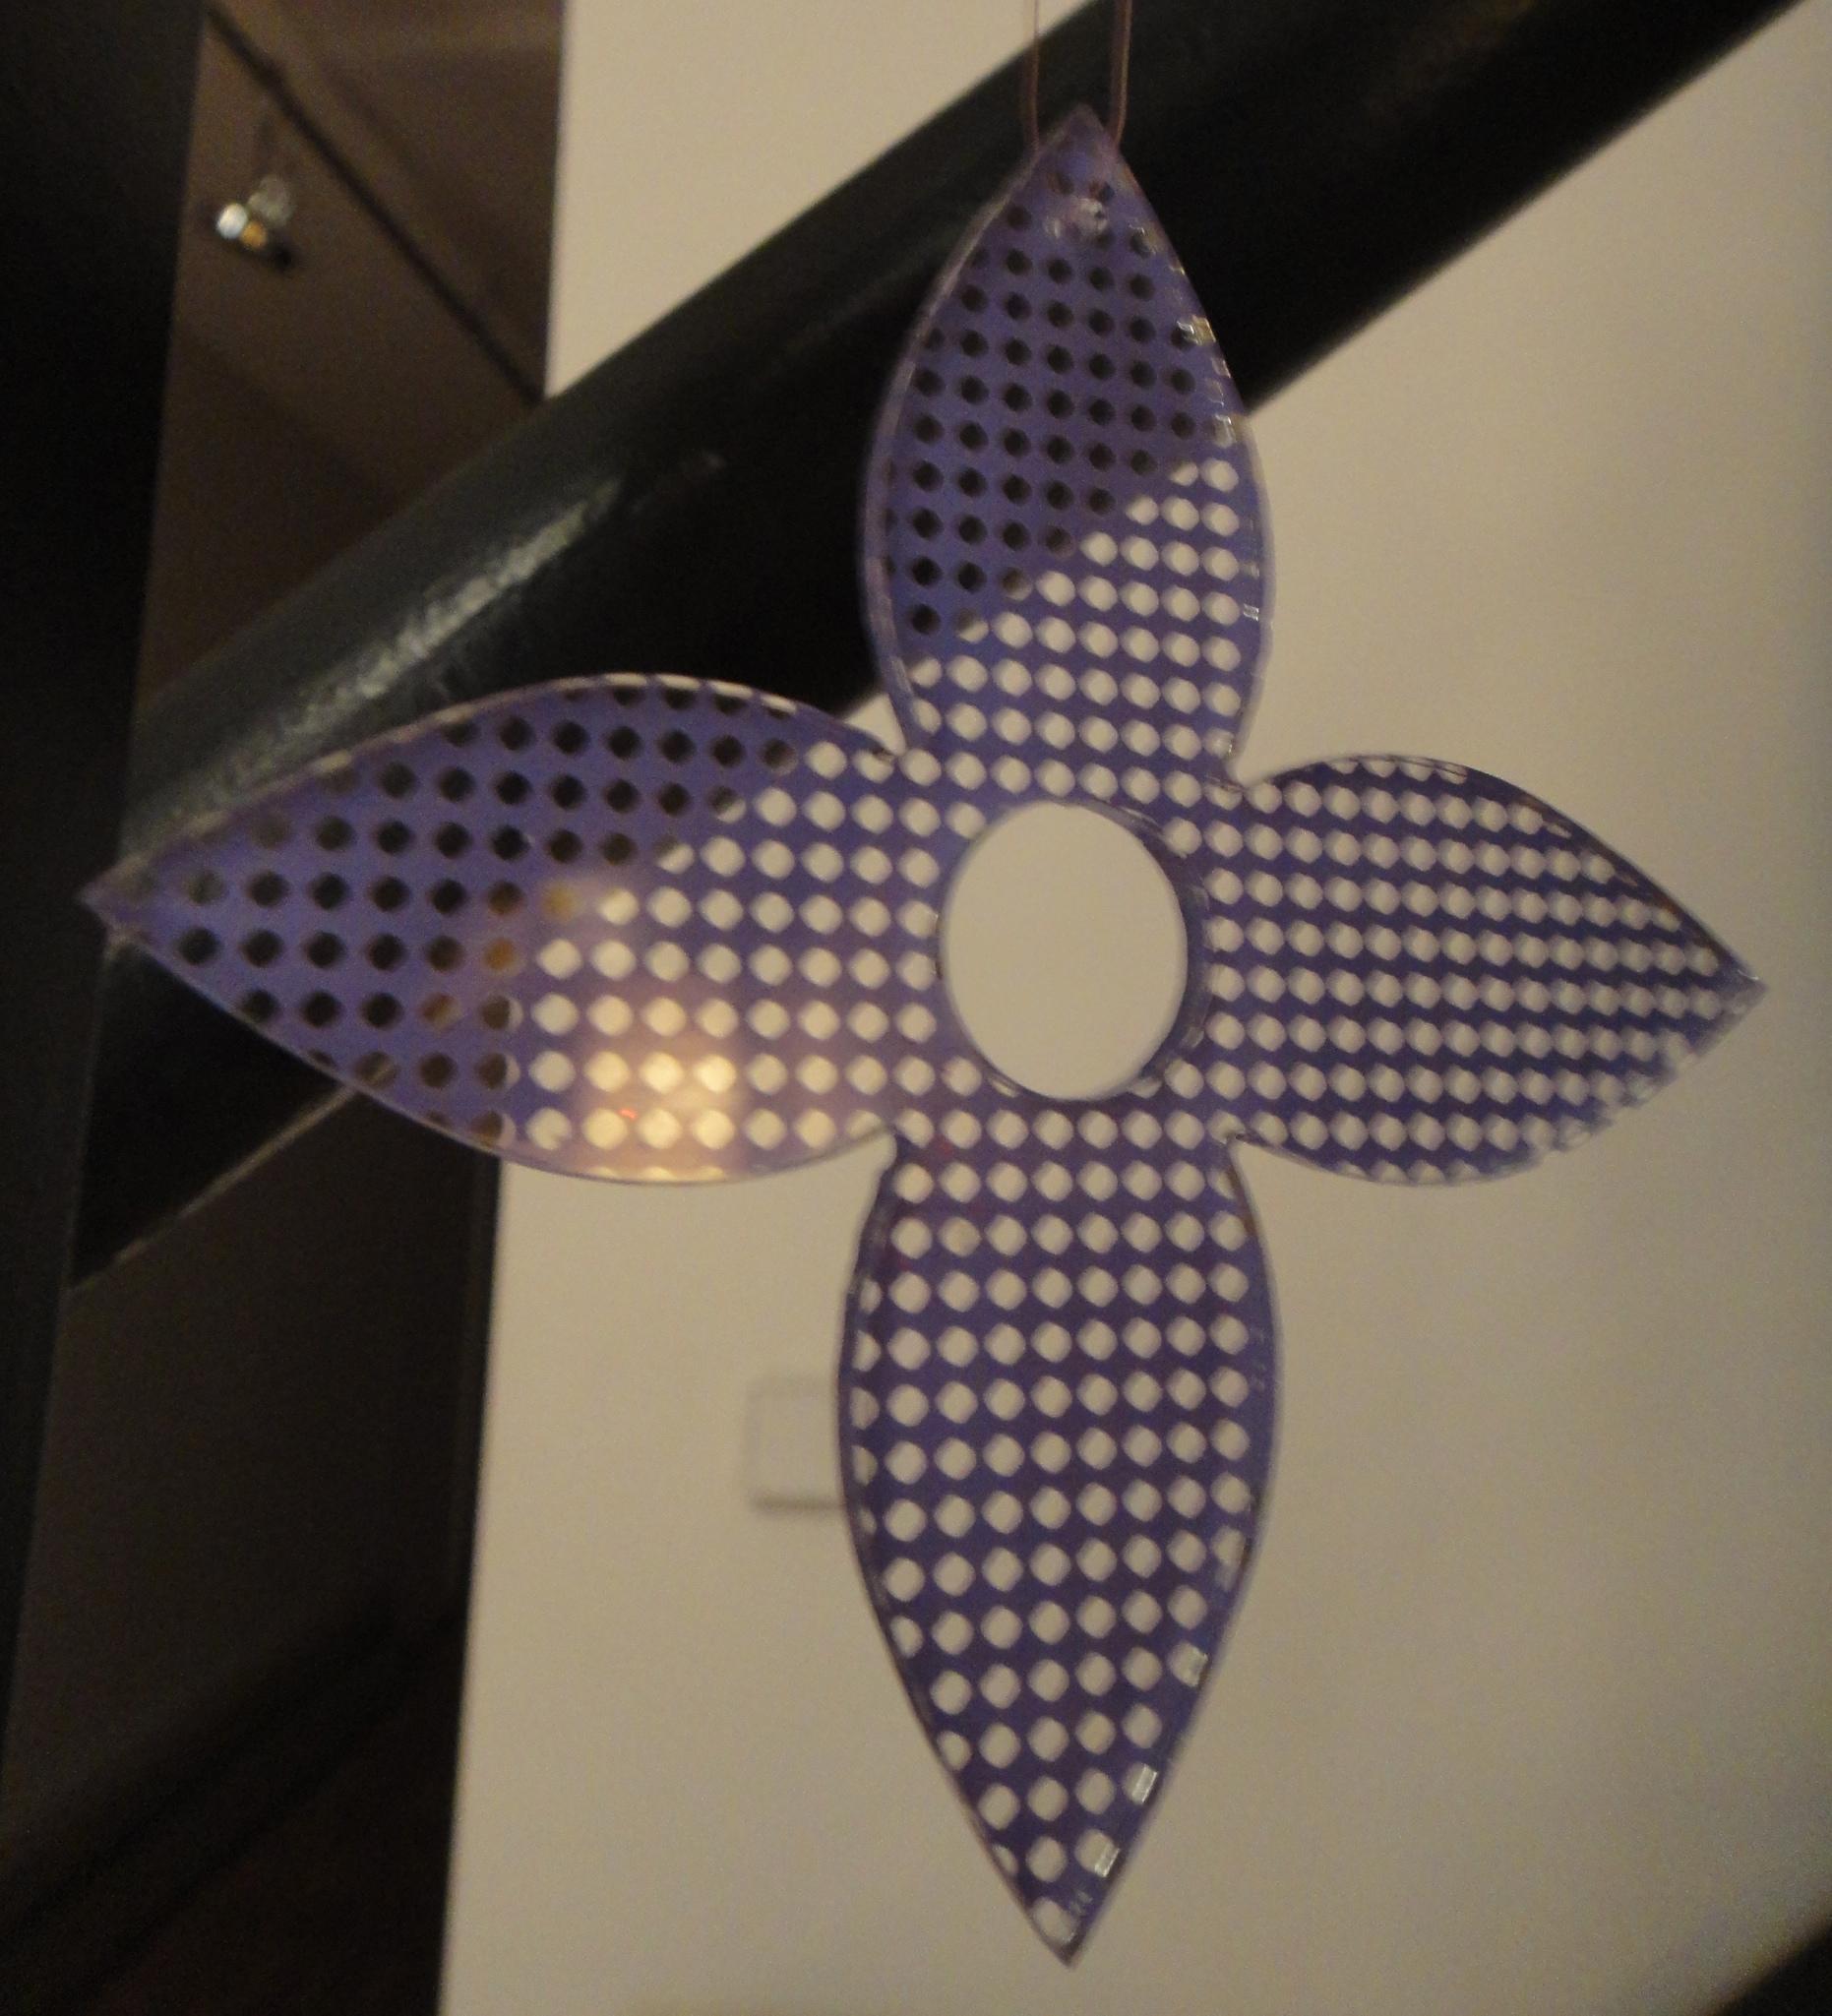 authentic Louis Vuitton Christmas ornament